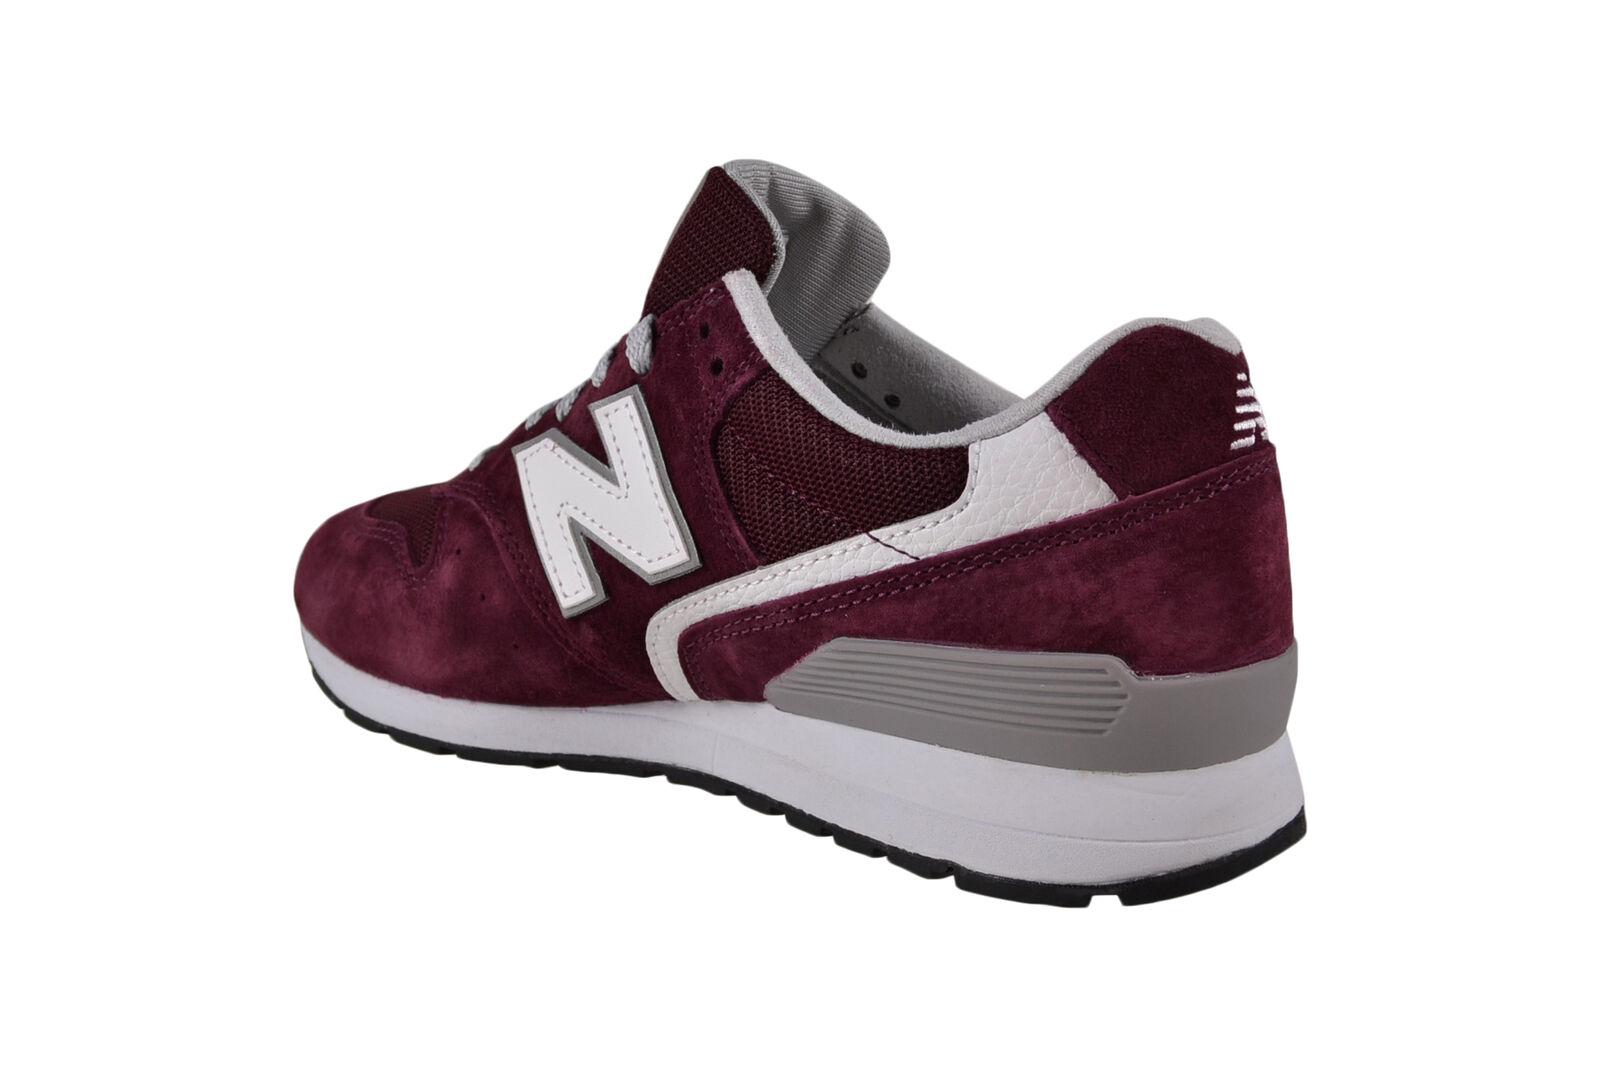 New Balance Balance Balance MRL996 KD rot Turnschuhe Schuhe MRL996KD 4469de